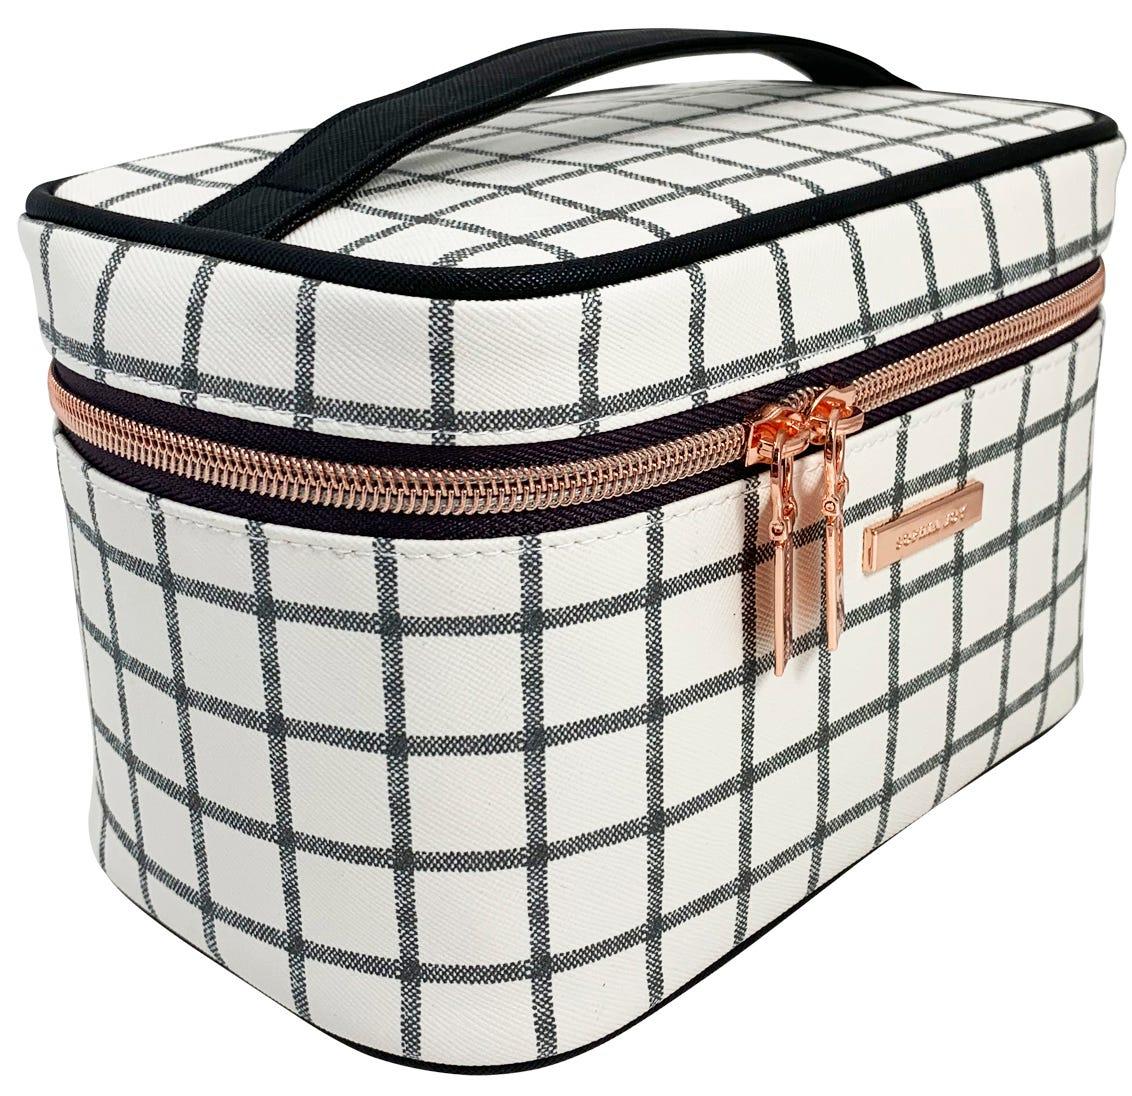 Conair® Set de cosmetiquera a cuadros en negro/blanco, 2 piezas